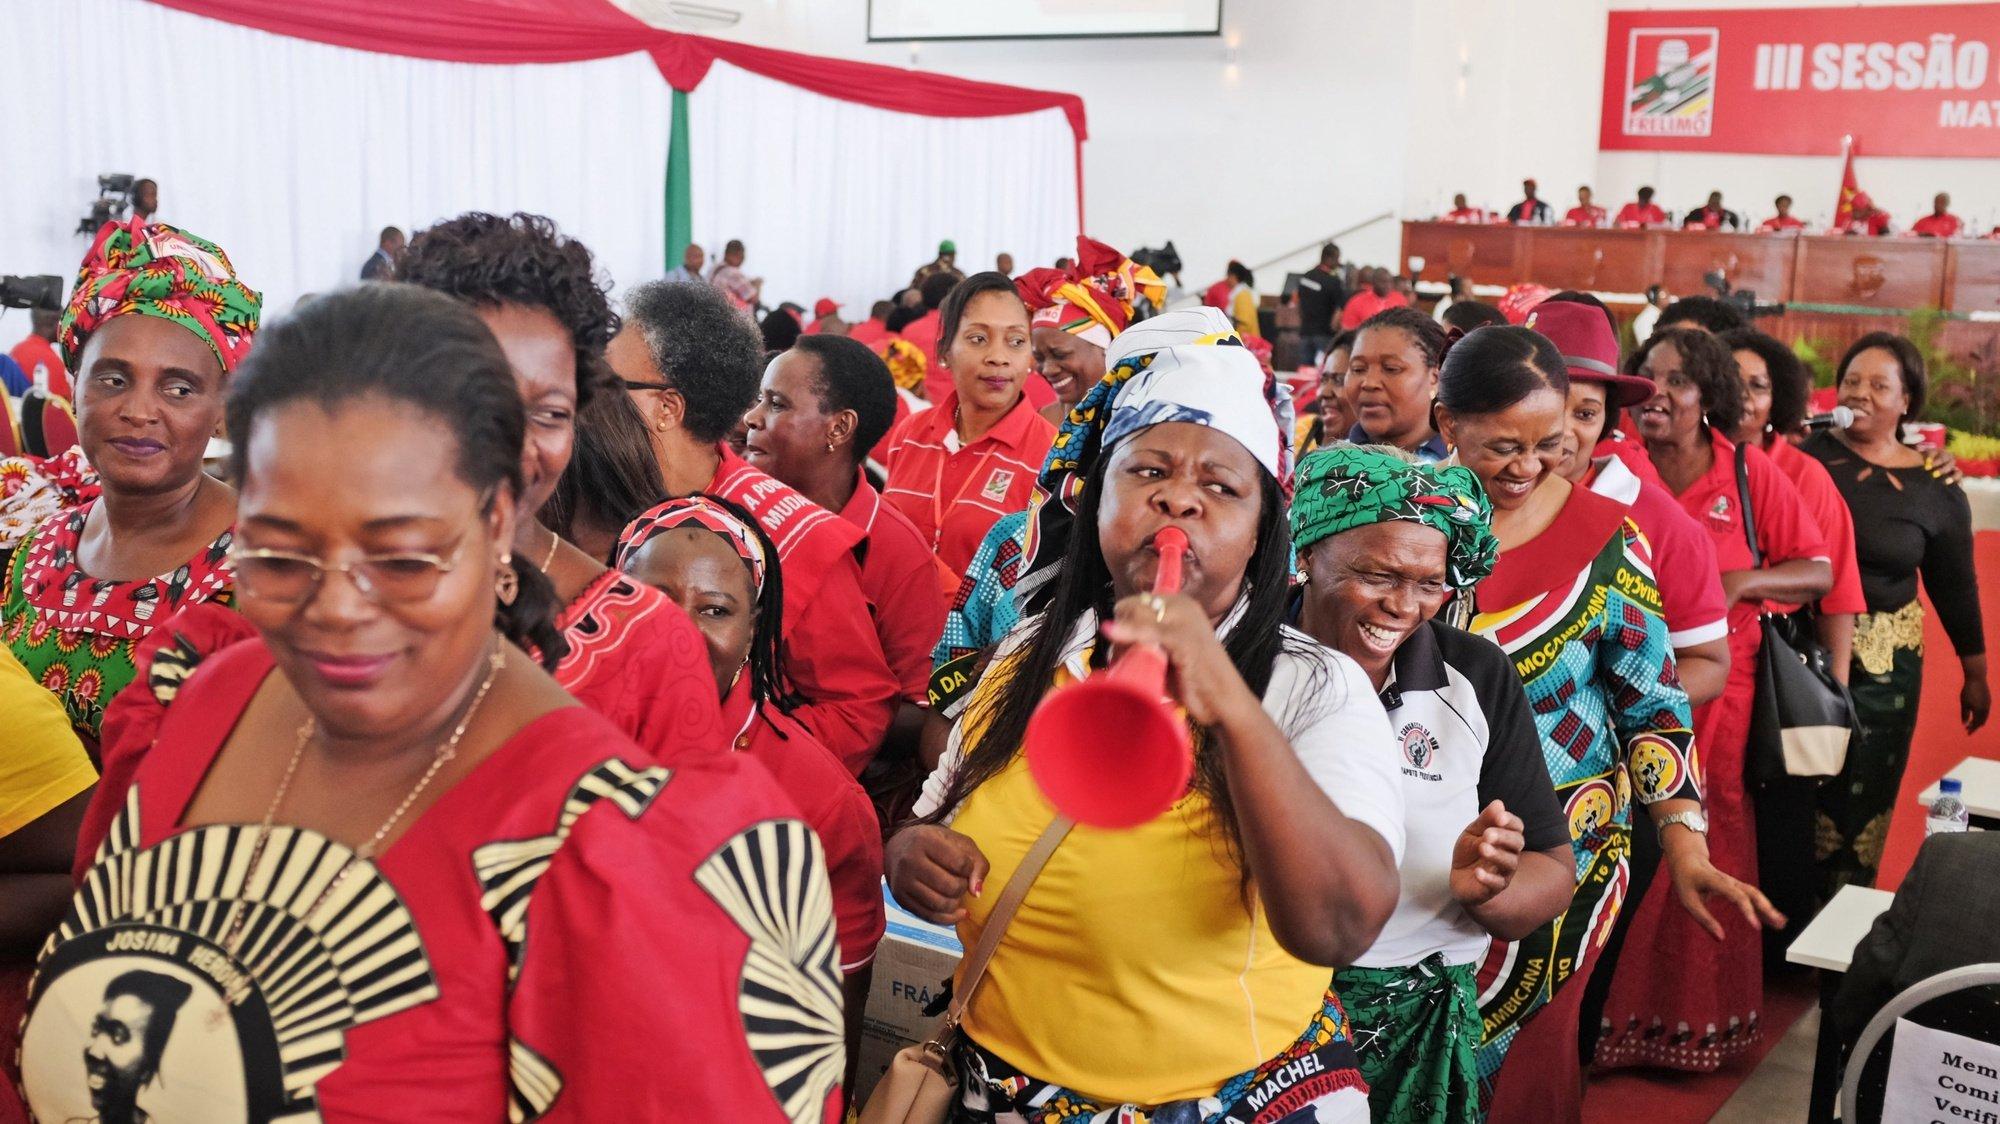 Membro do Comité Central da Frelimo durante a reunião do Comité Central do Partido Frelimo, em Maputo, Moçambique, 03 de maio de 2019. ANTÓNIO SILVA/LUSA